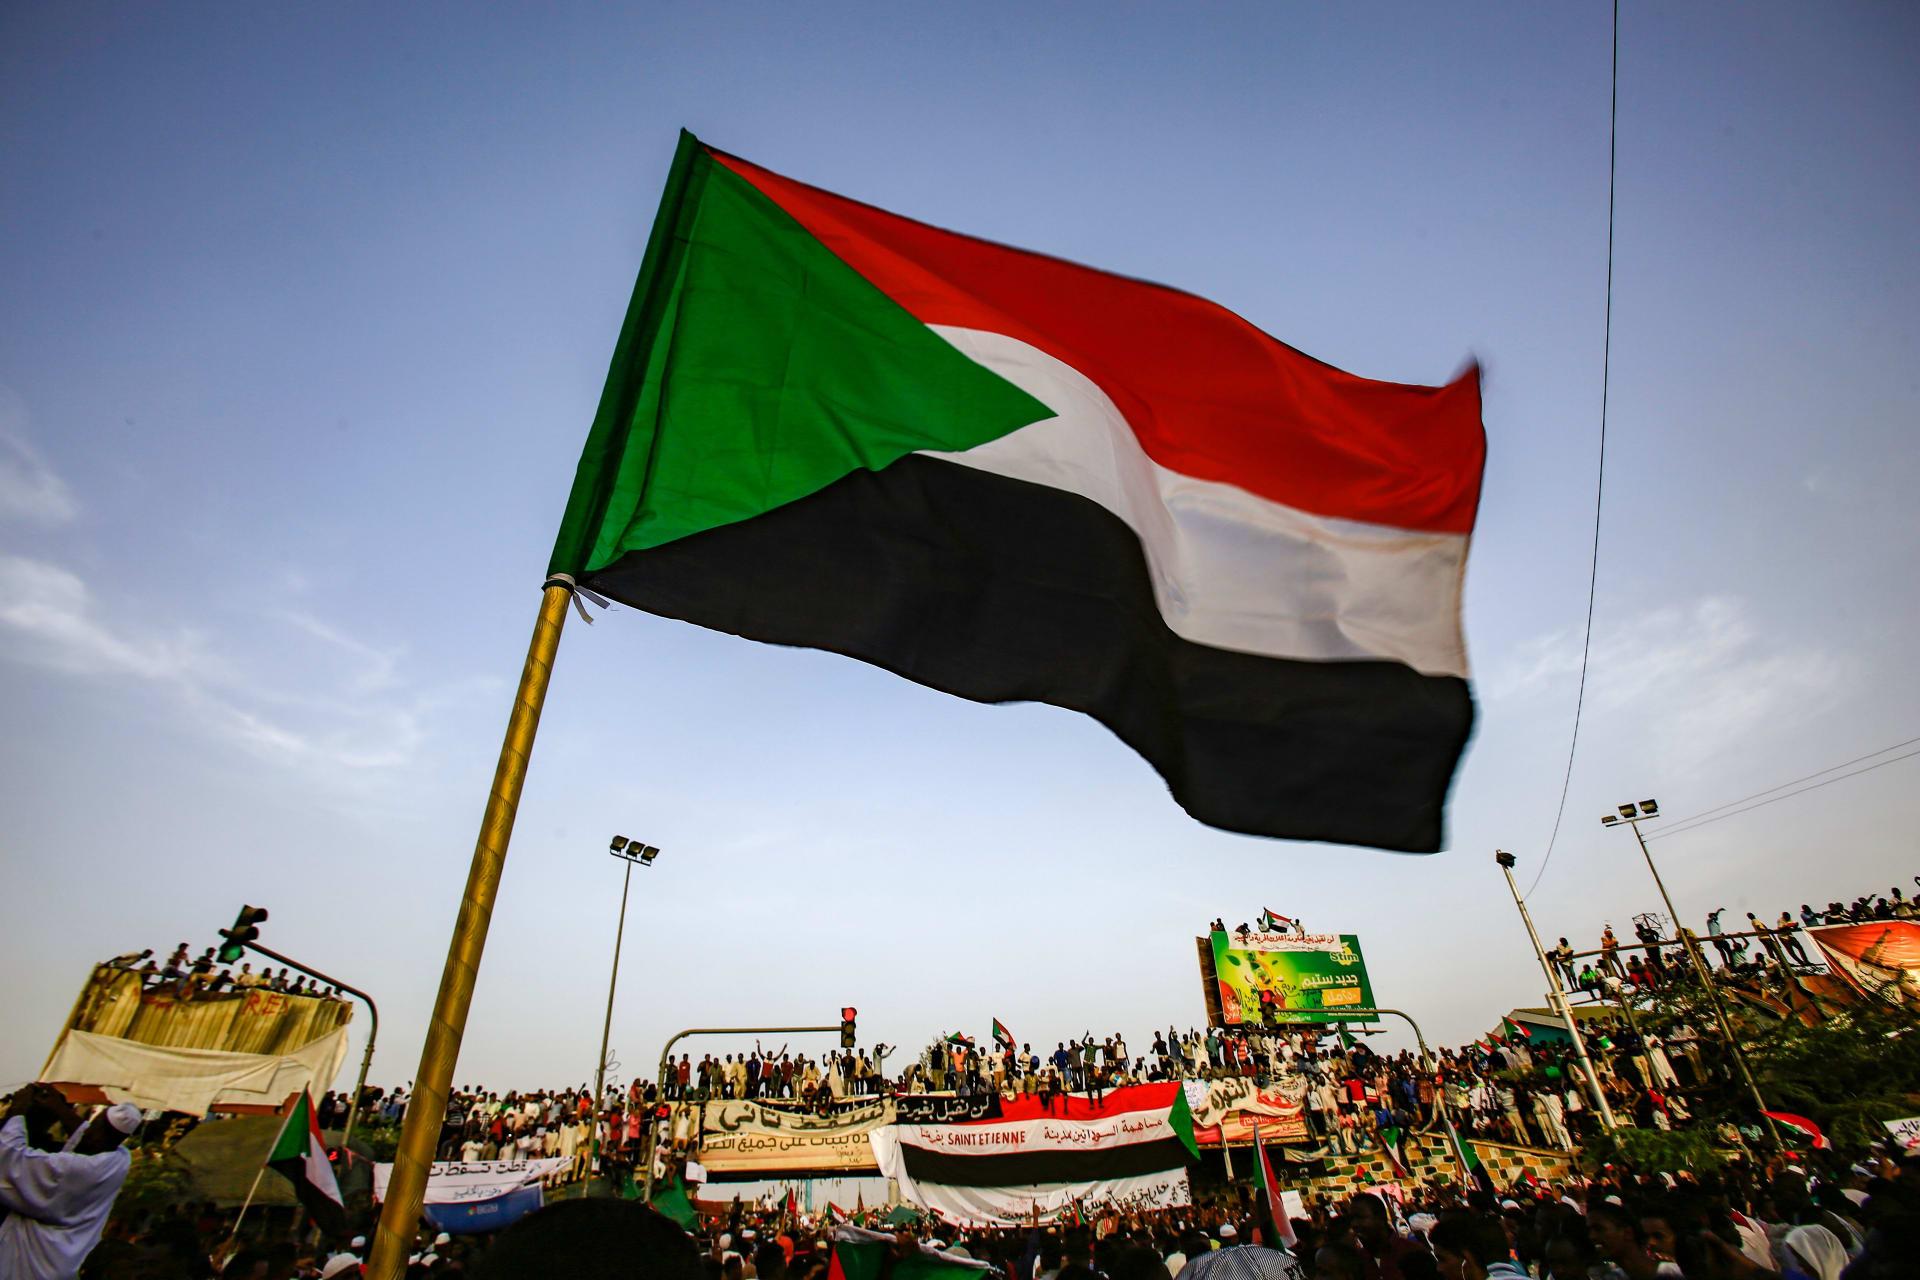 قوى إعلان الحرية والتغيير في السودان تلبي دعوة القوات المسلحة للتفاوض